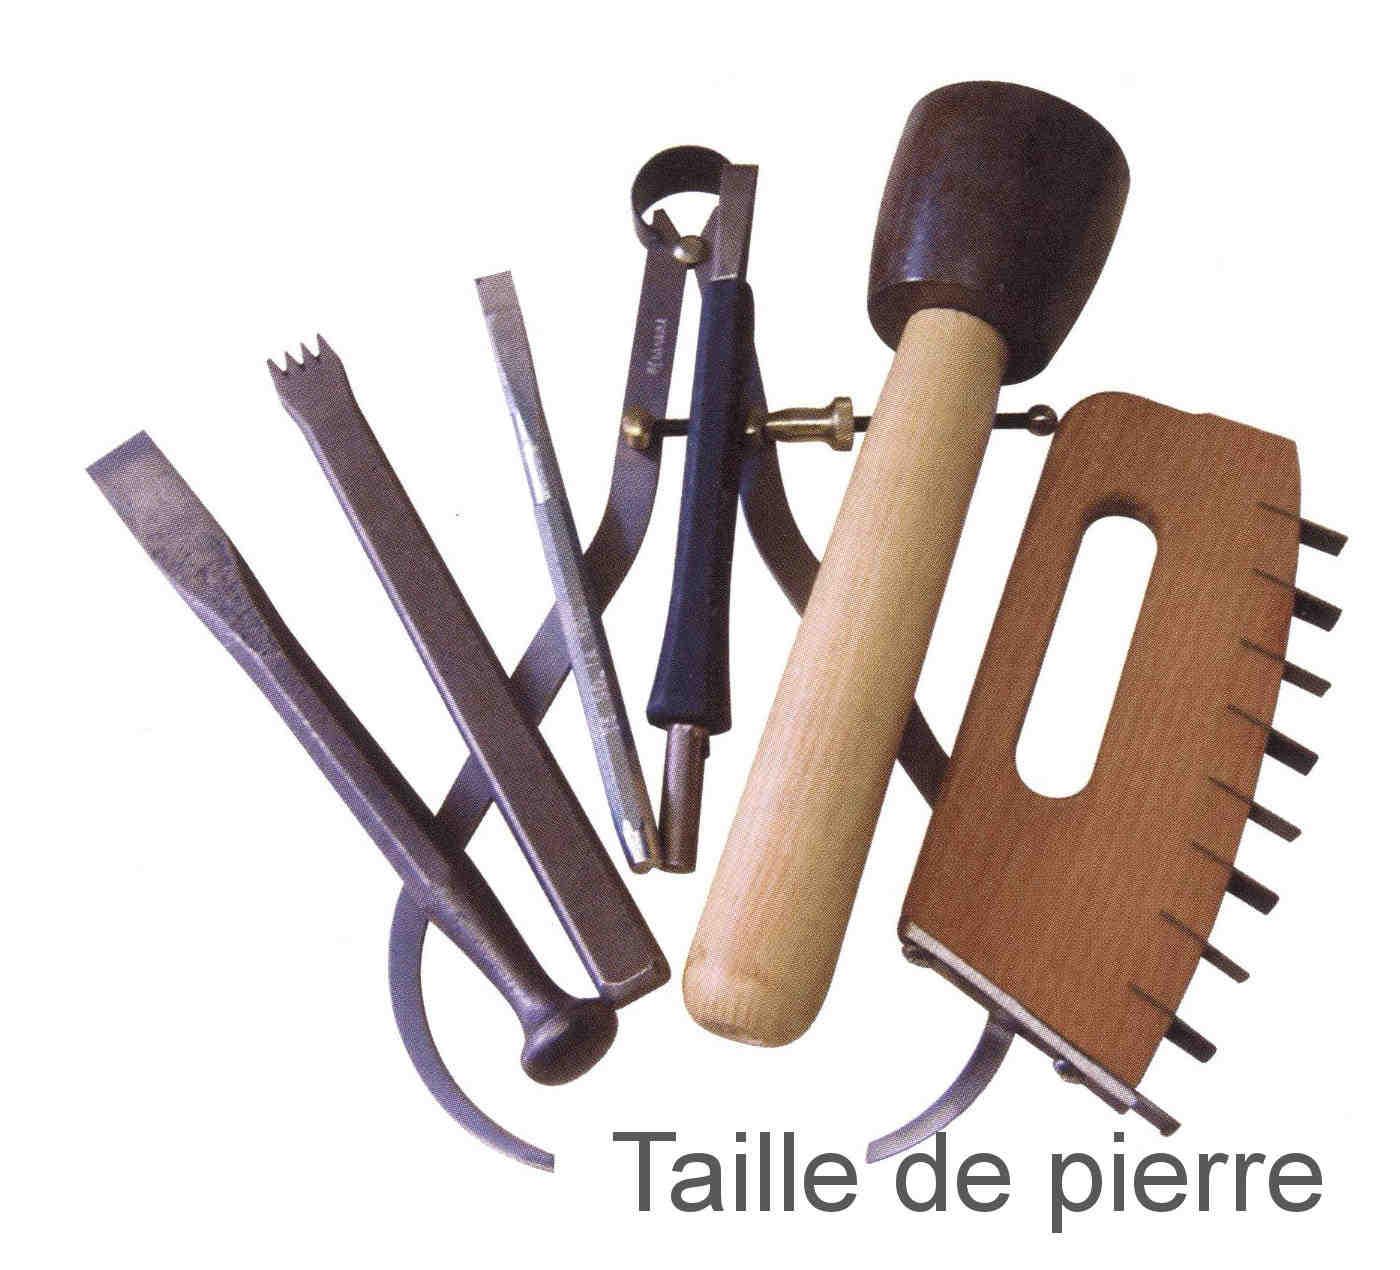 la soci t joseph distribue depuis 1927 des fournitures pour les marbriers sculpteurs graveurs. Black Bedroom Furniture Sets. Home Design Ideas